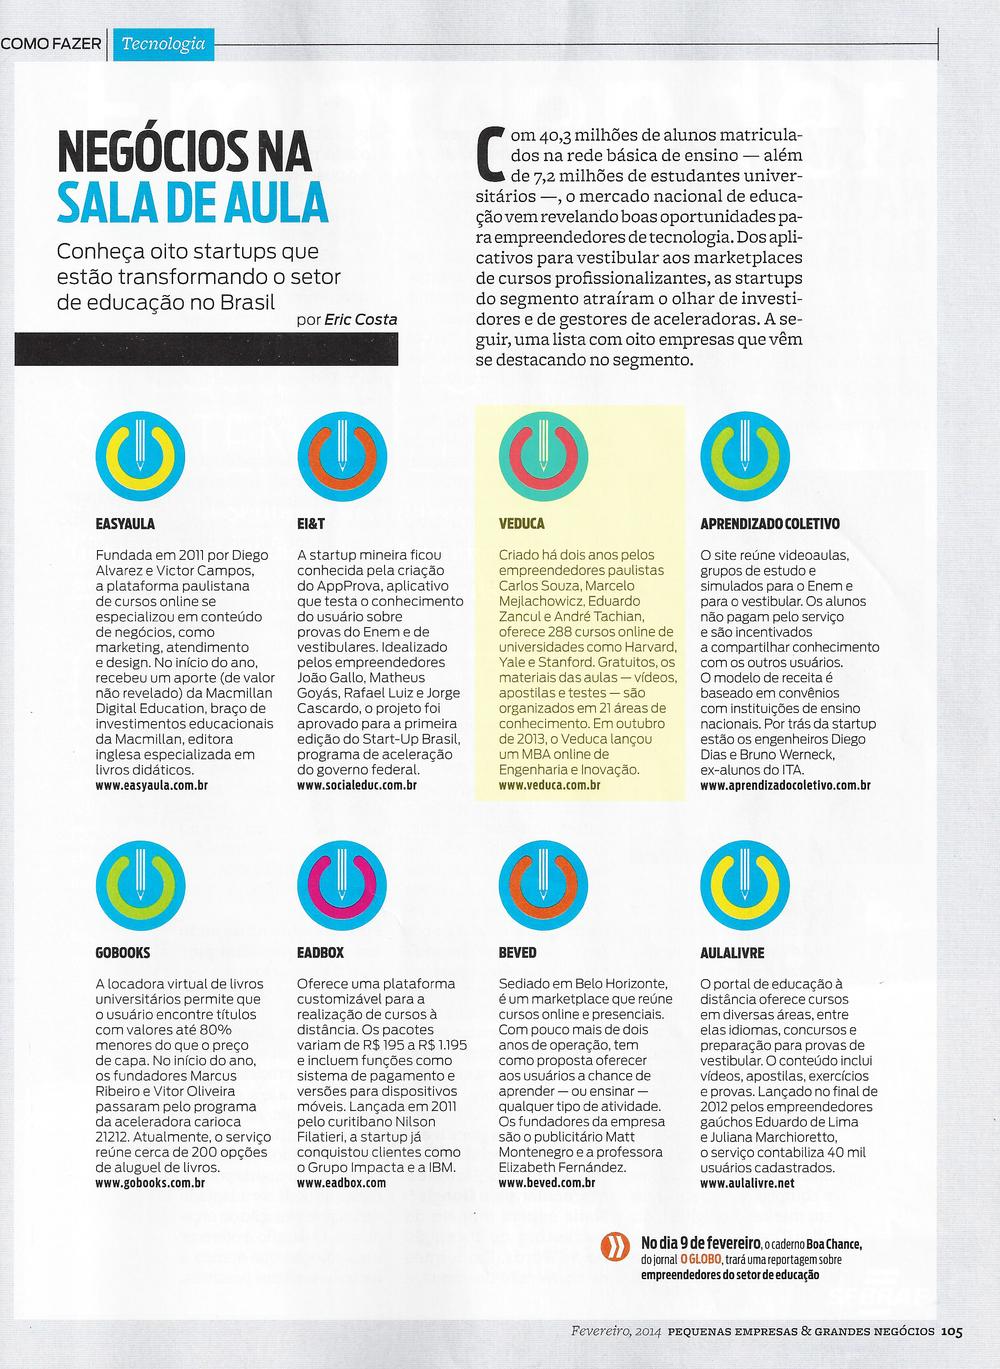 Fevereiro.2014.Revista 1.Pequenas empresas e grandes negócios-veduca23.jpeg